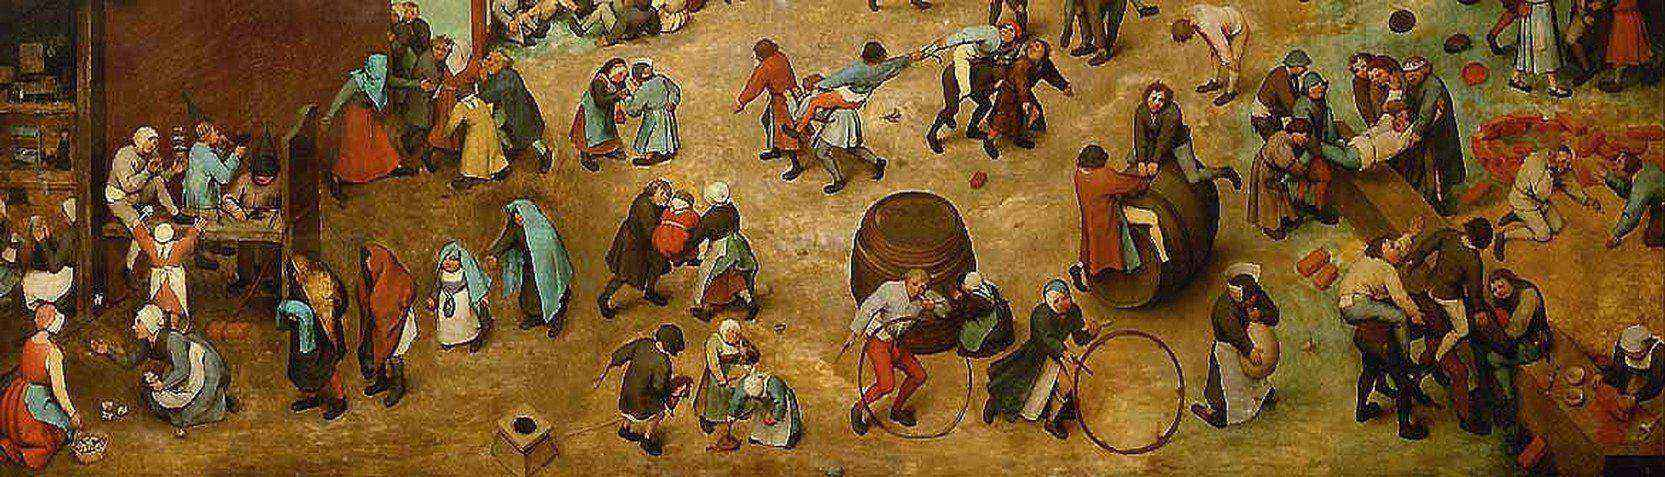 Artisti - Pieter Bruegel der Ältere